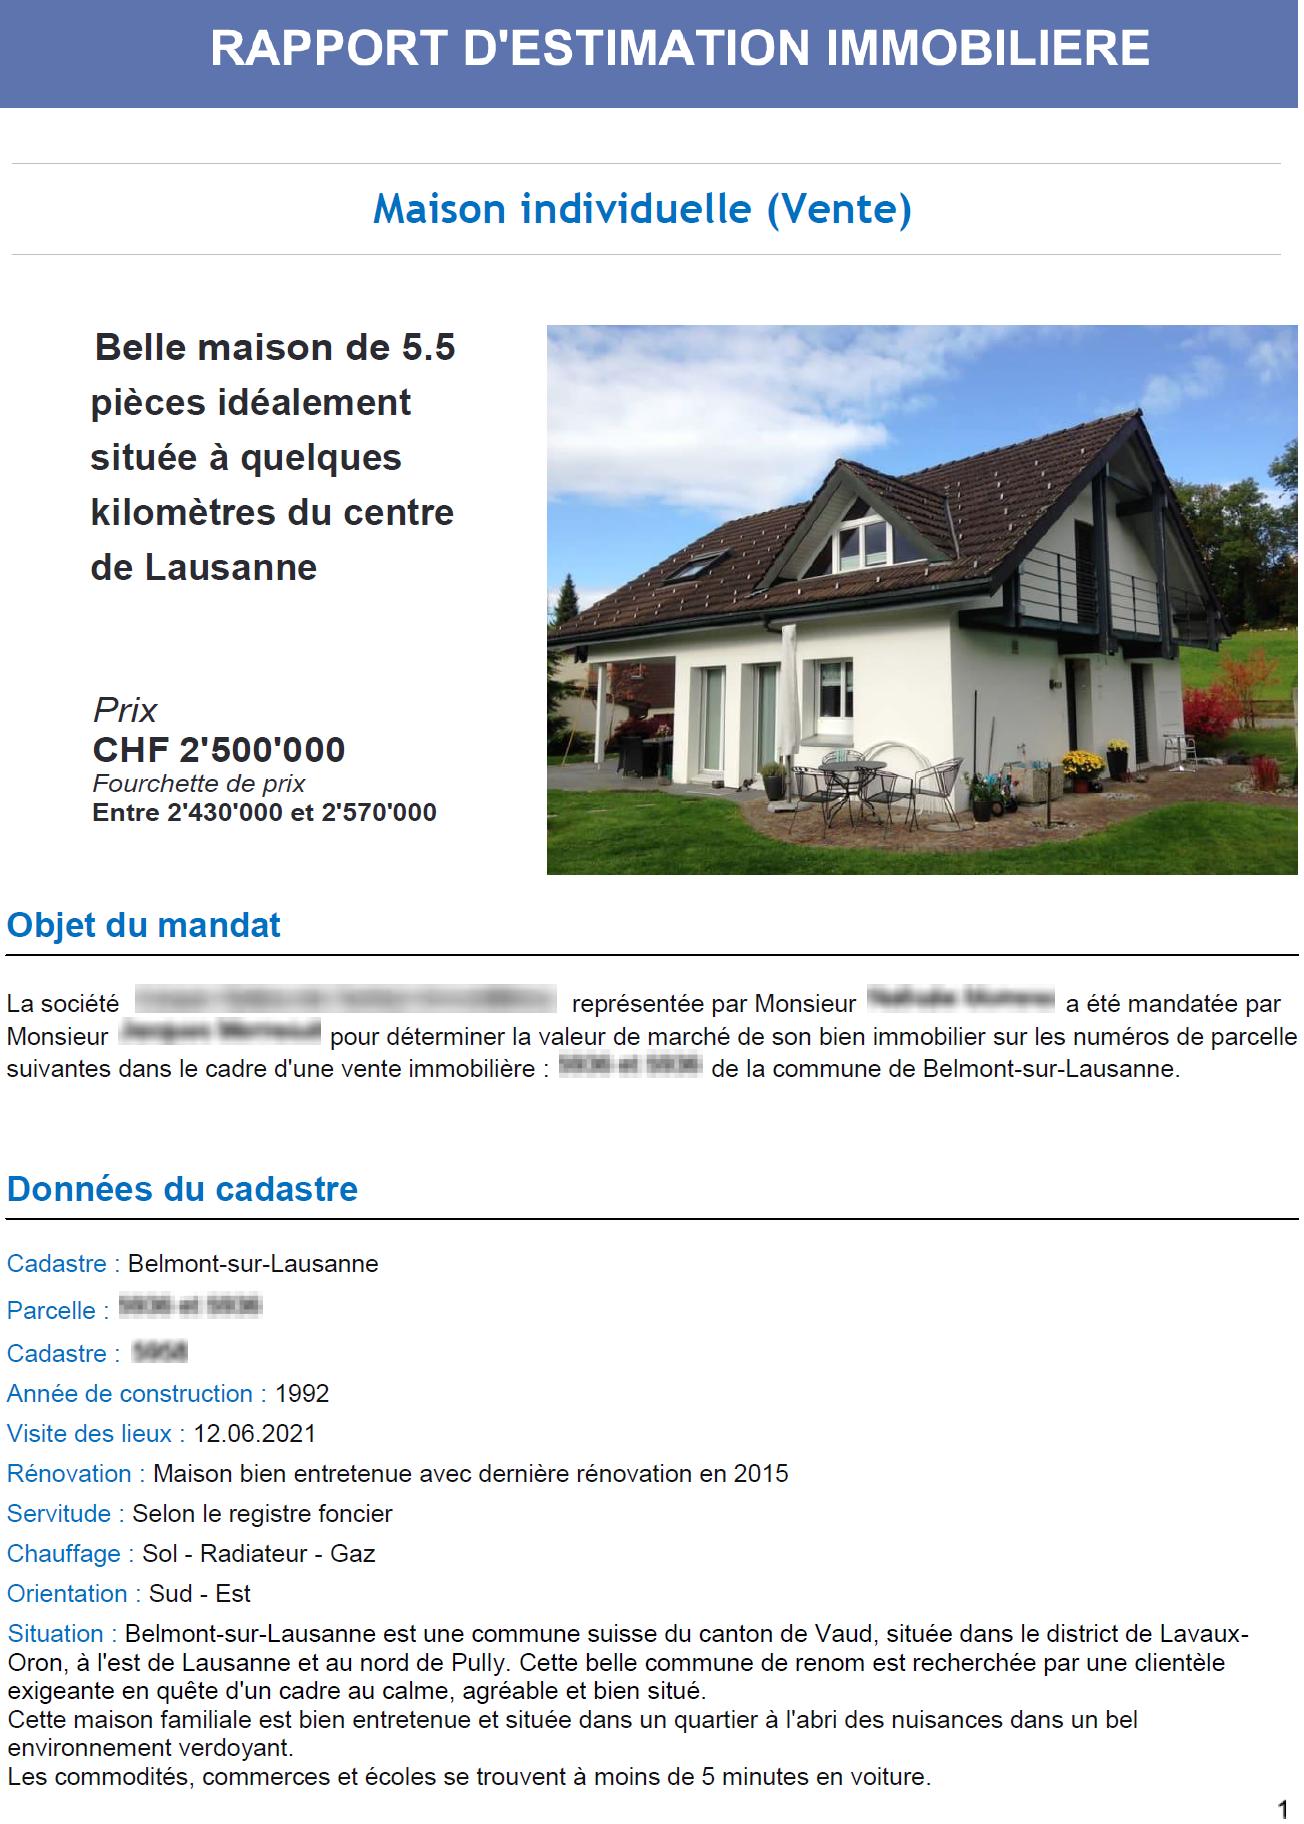 rapport estimation immobiliere suisse